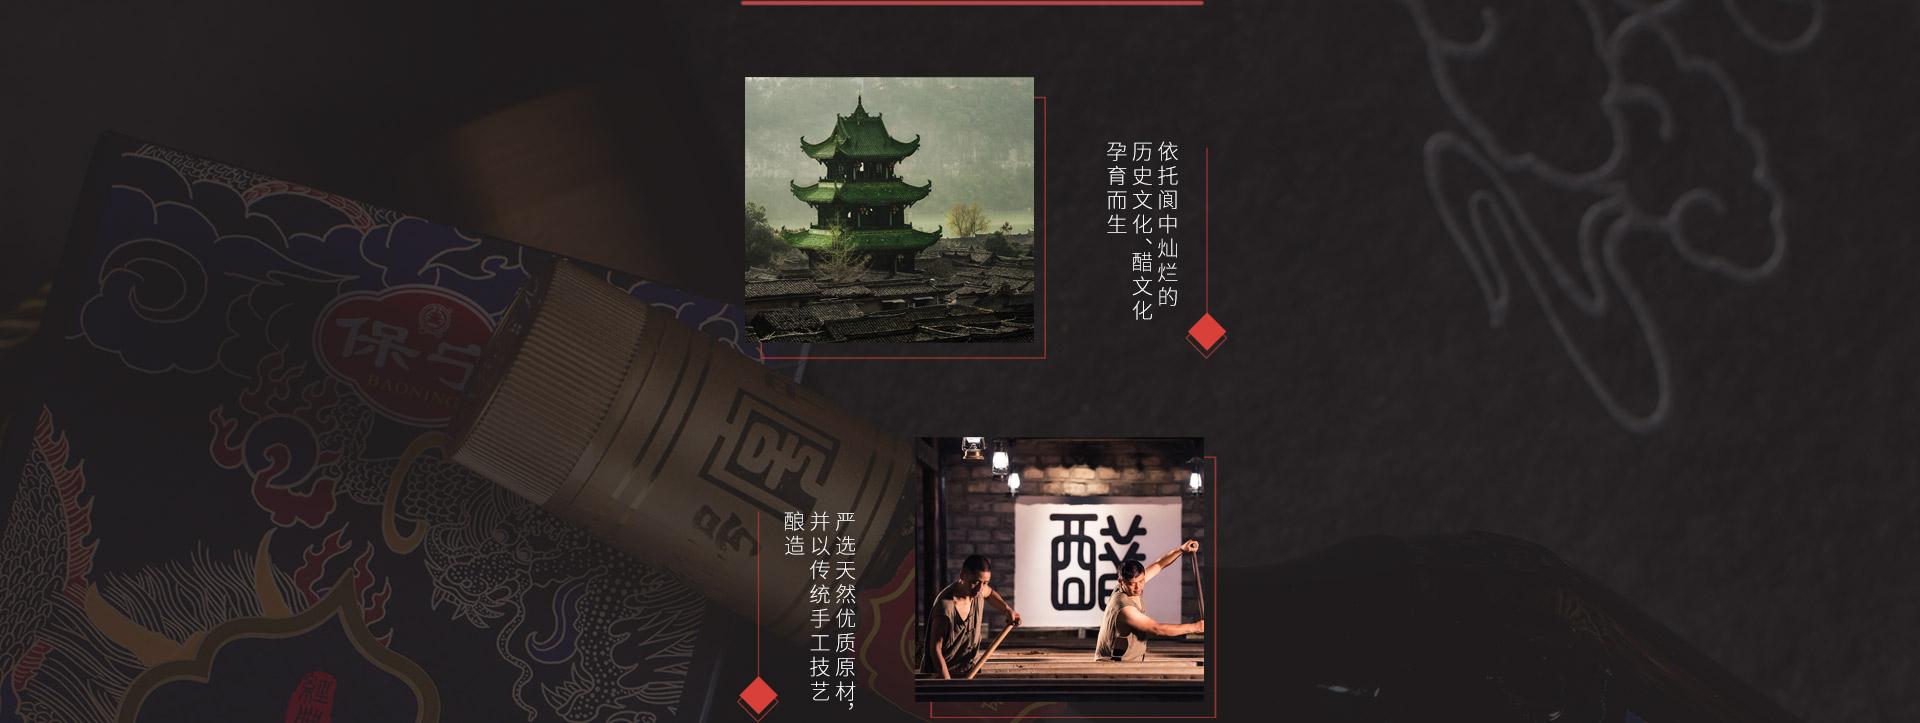 产品-礼盒_02.jpg